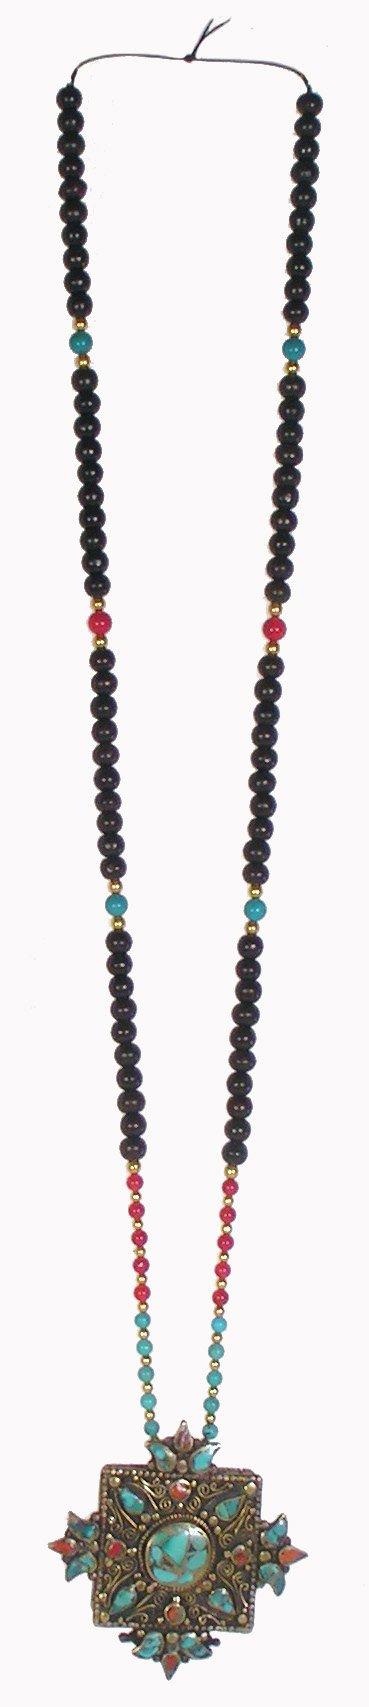 Remembering Tibetan Refugees Amulet by Dakini Designs (Image #2)